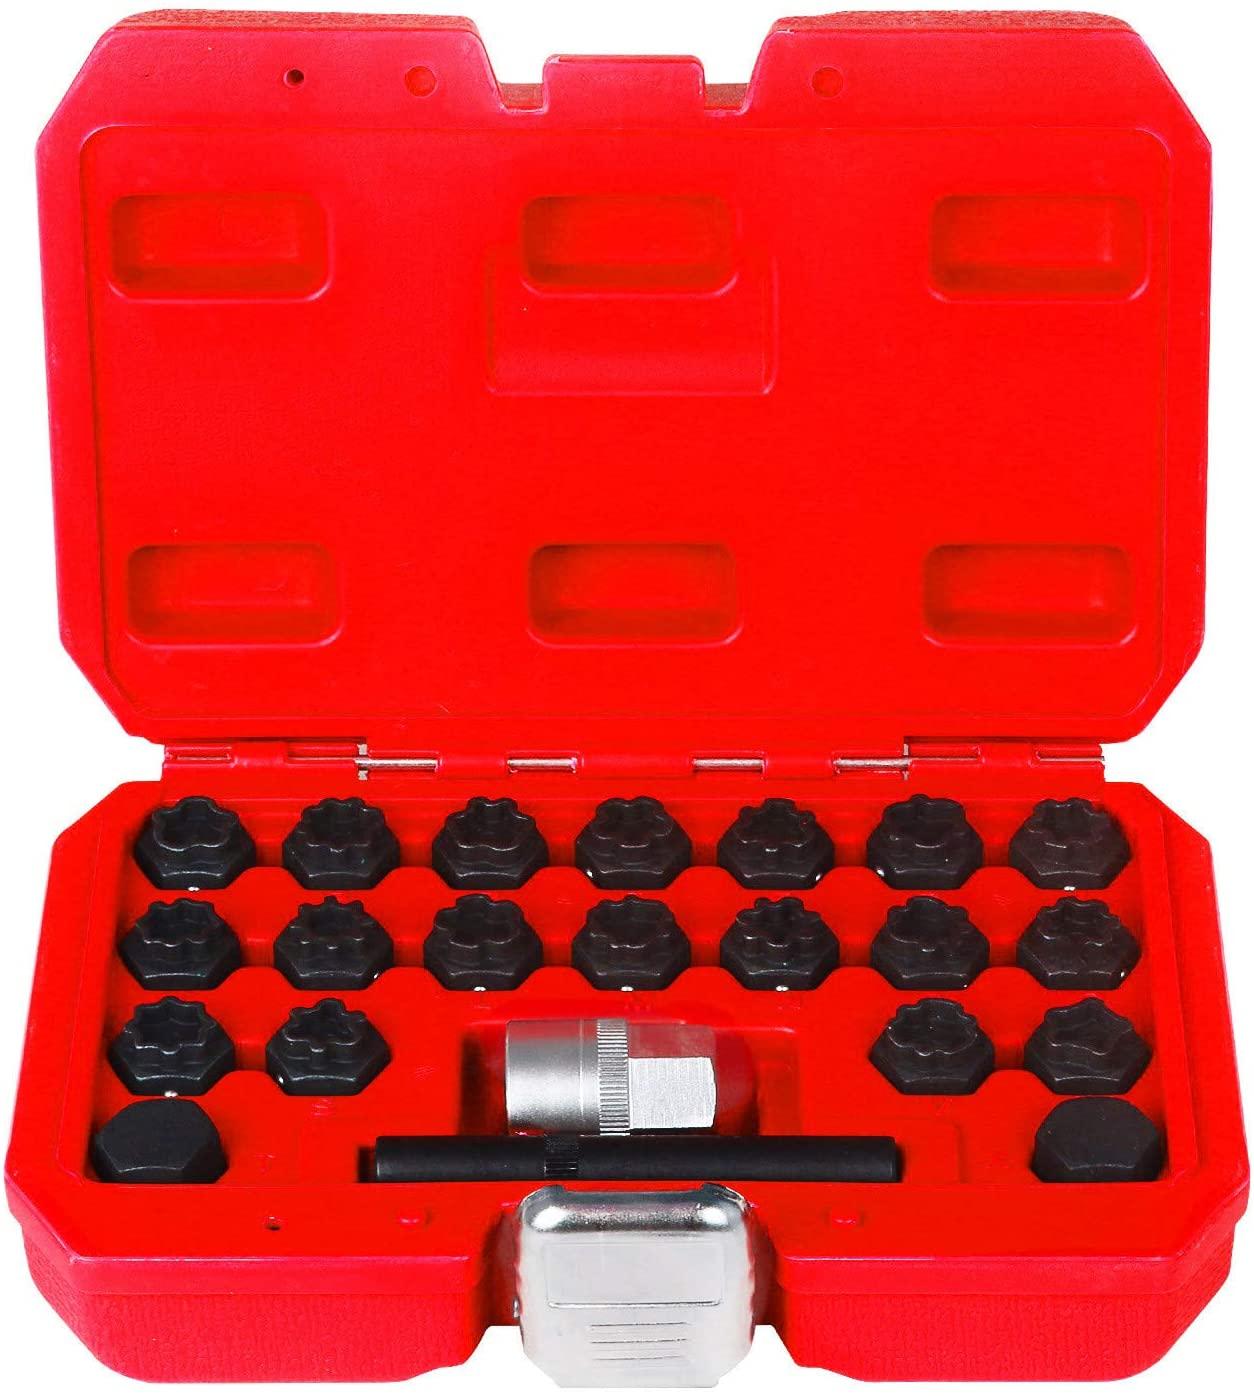 MR CARTOOL 22pcs Wheel Lock Lug Nut Removal Tool Kit 1/2